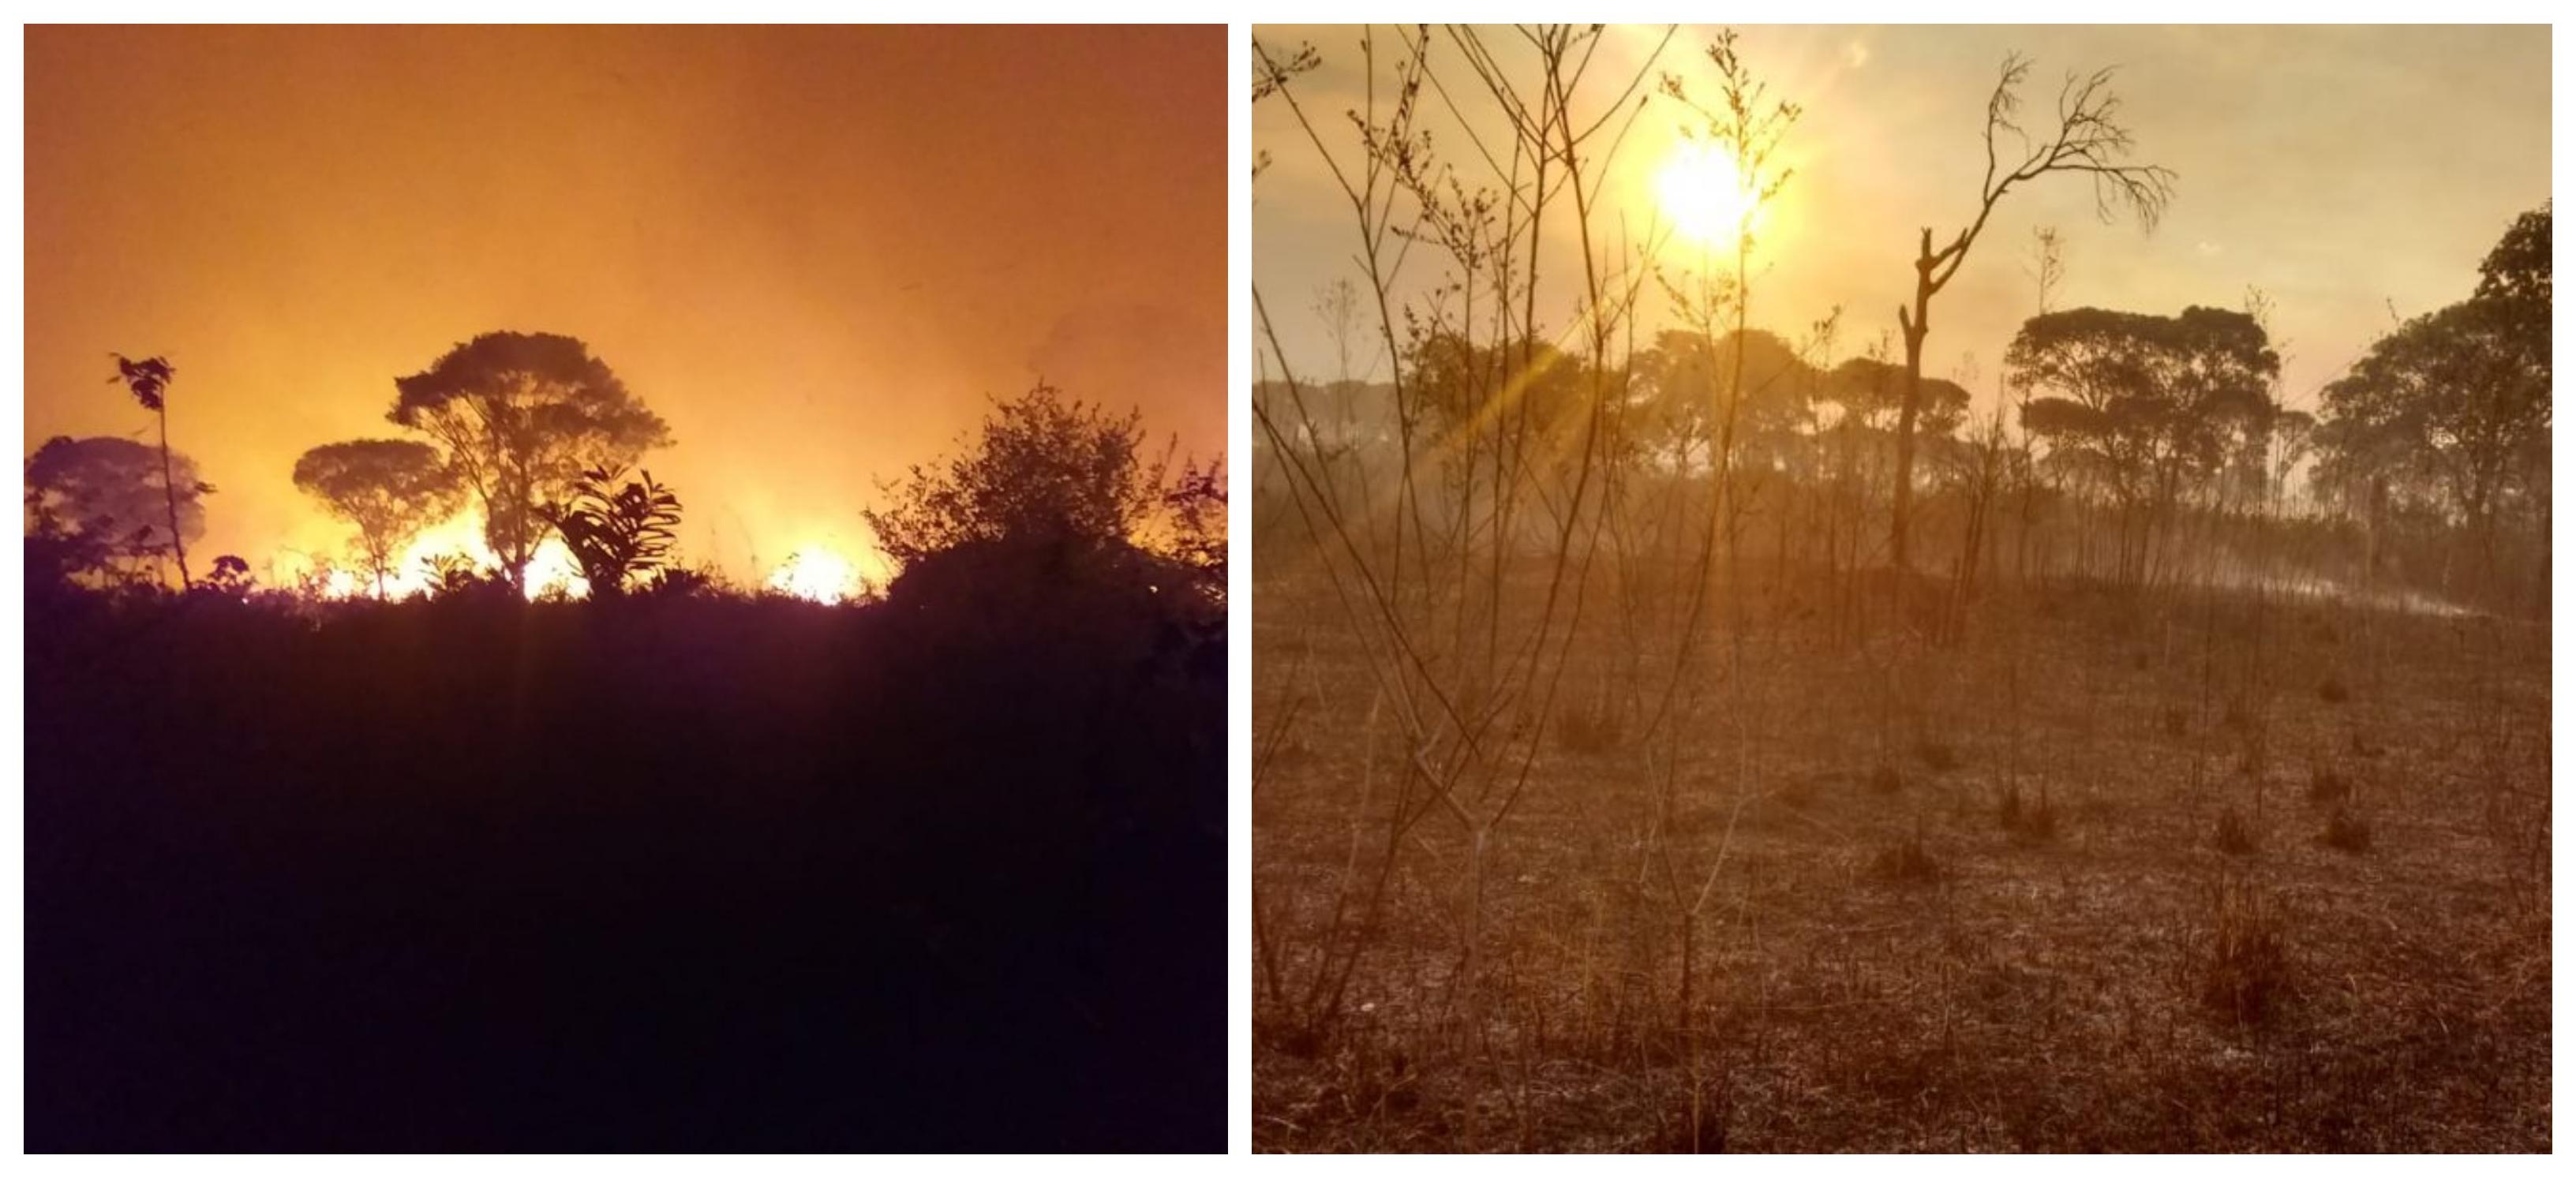 Cimi denuncia: Focos de incêndio em terras indígenas aumentaram 88% em 2019